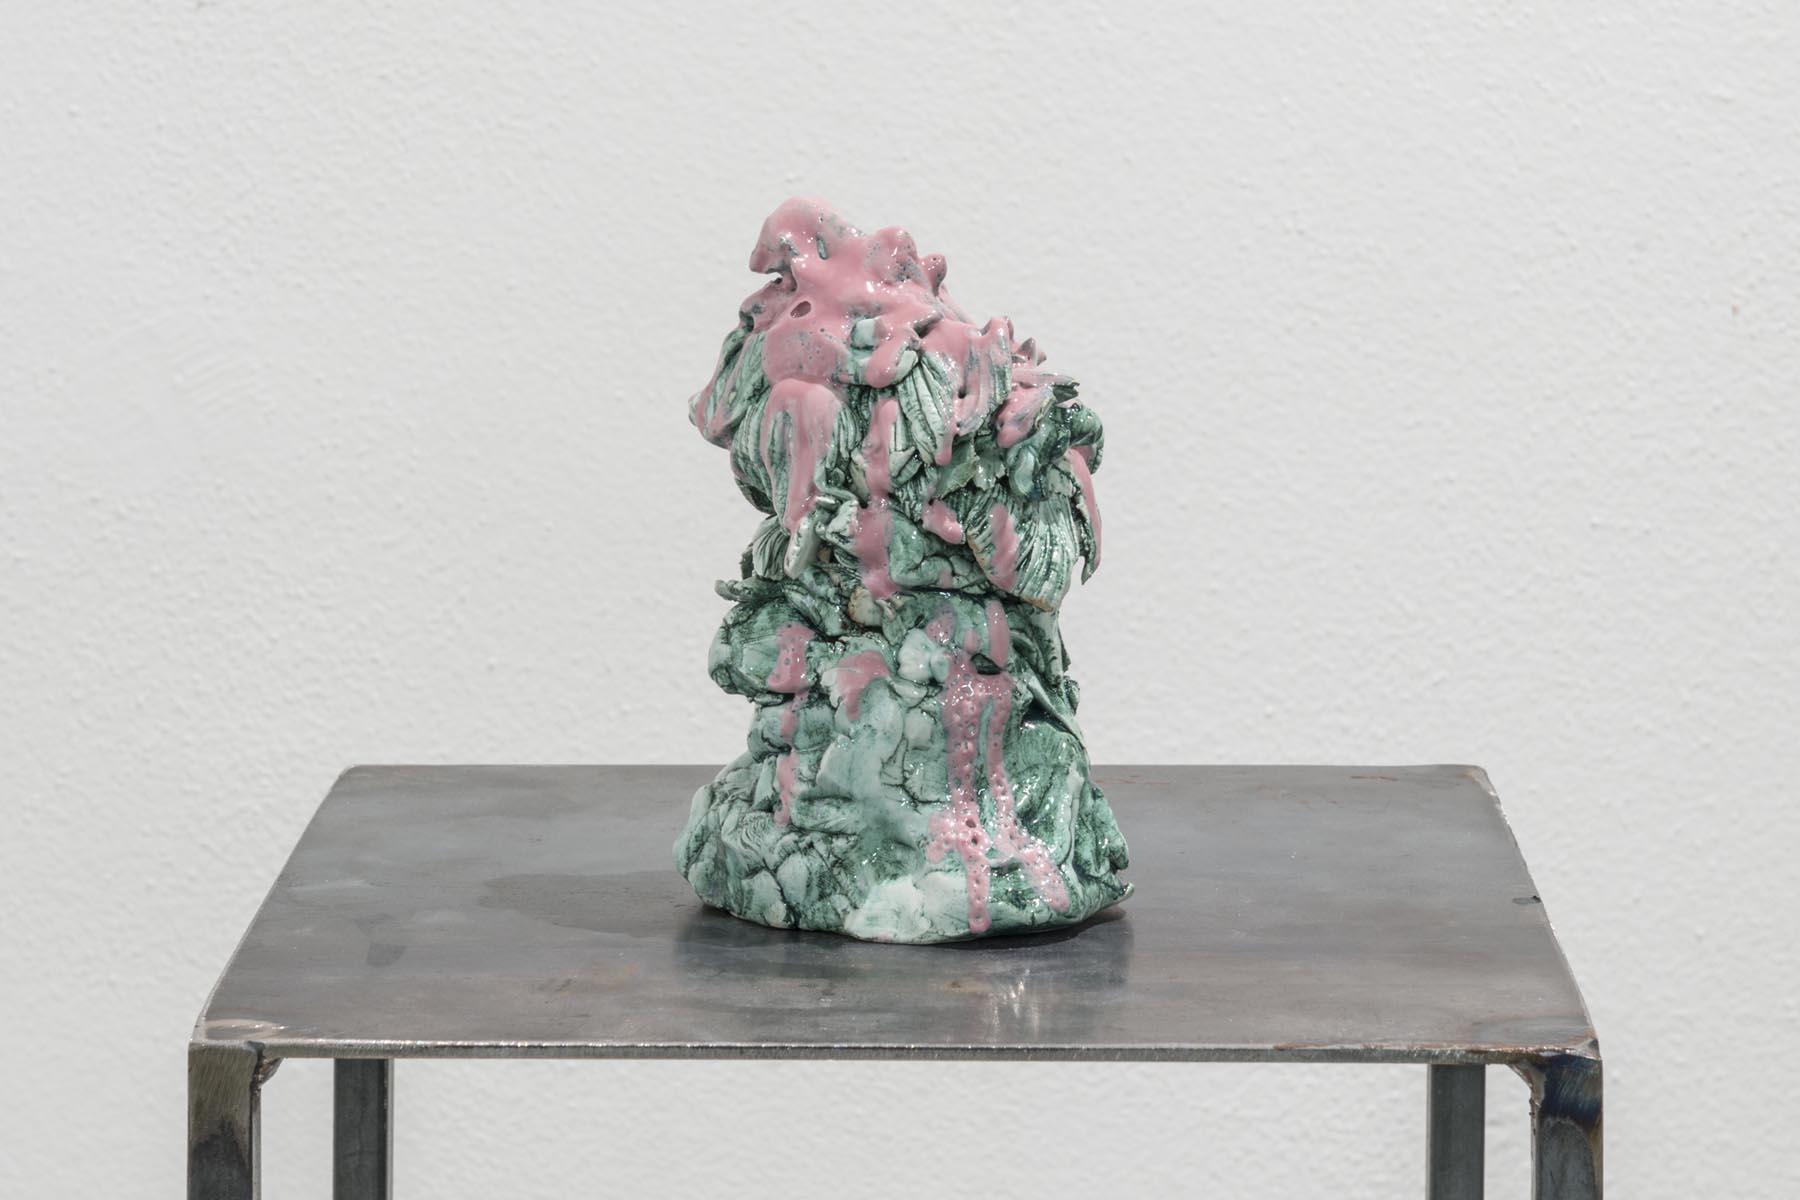 Kristian Sturi, In the mood version # 56, 2016 - courtesy dell'artista e Nam project, Milano - photo A. Ruzzier